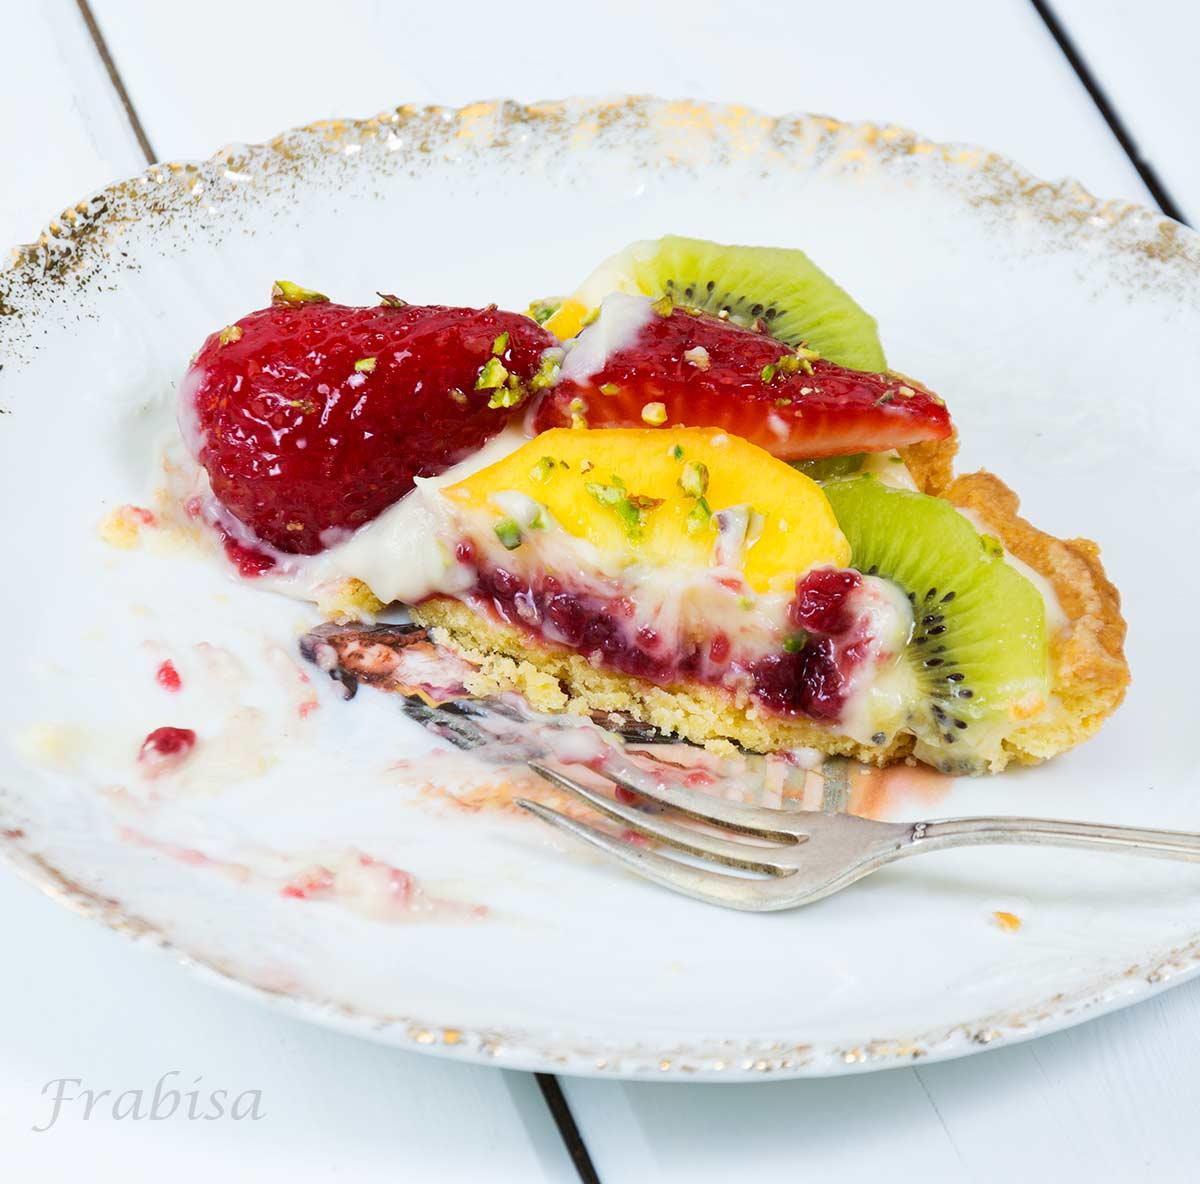 tarta-frutas-frabisa